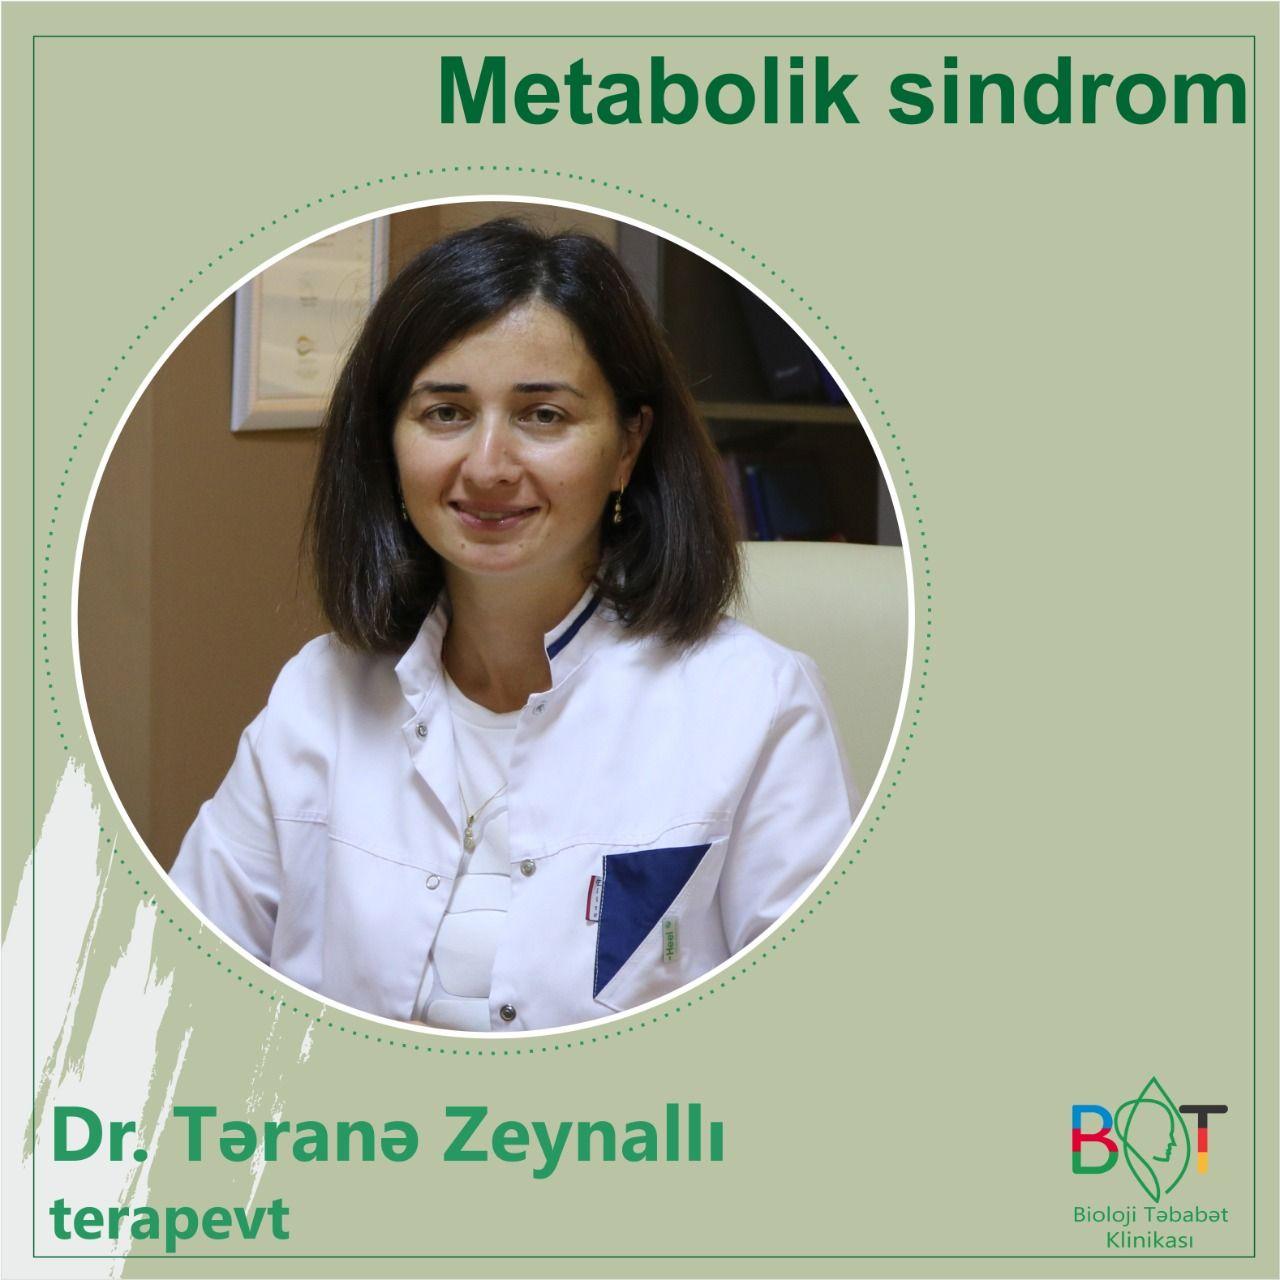 Metabolik sindrom nədir   - Kimlərdə yaranır?